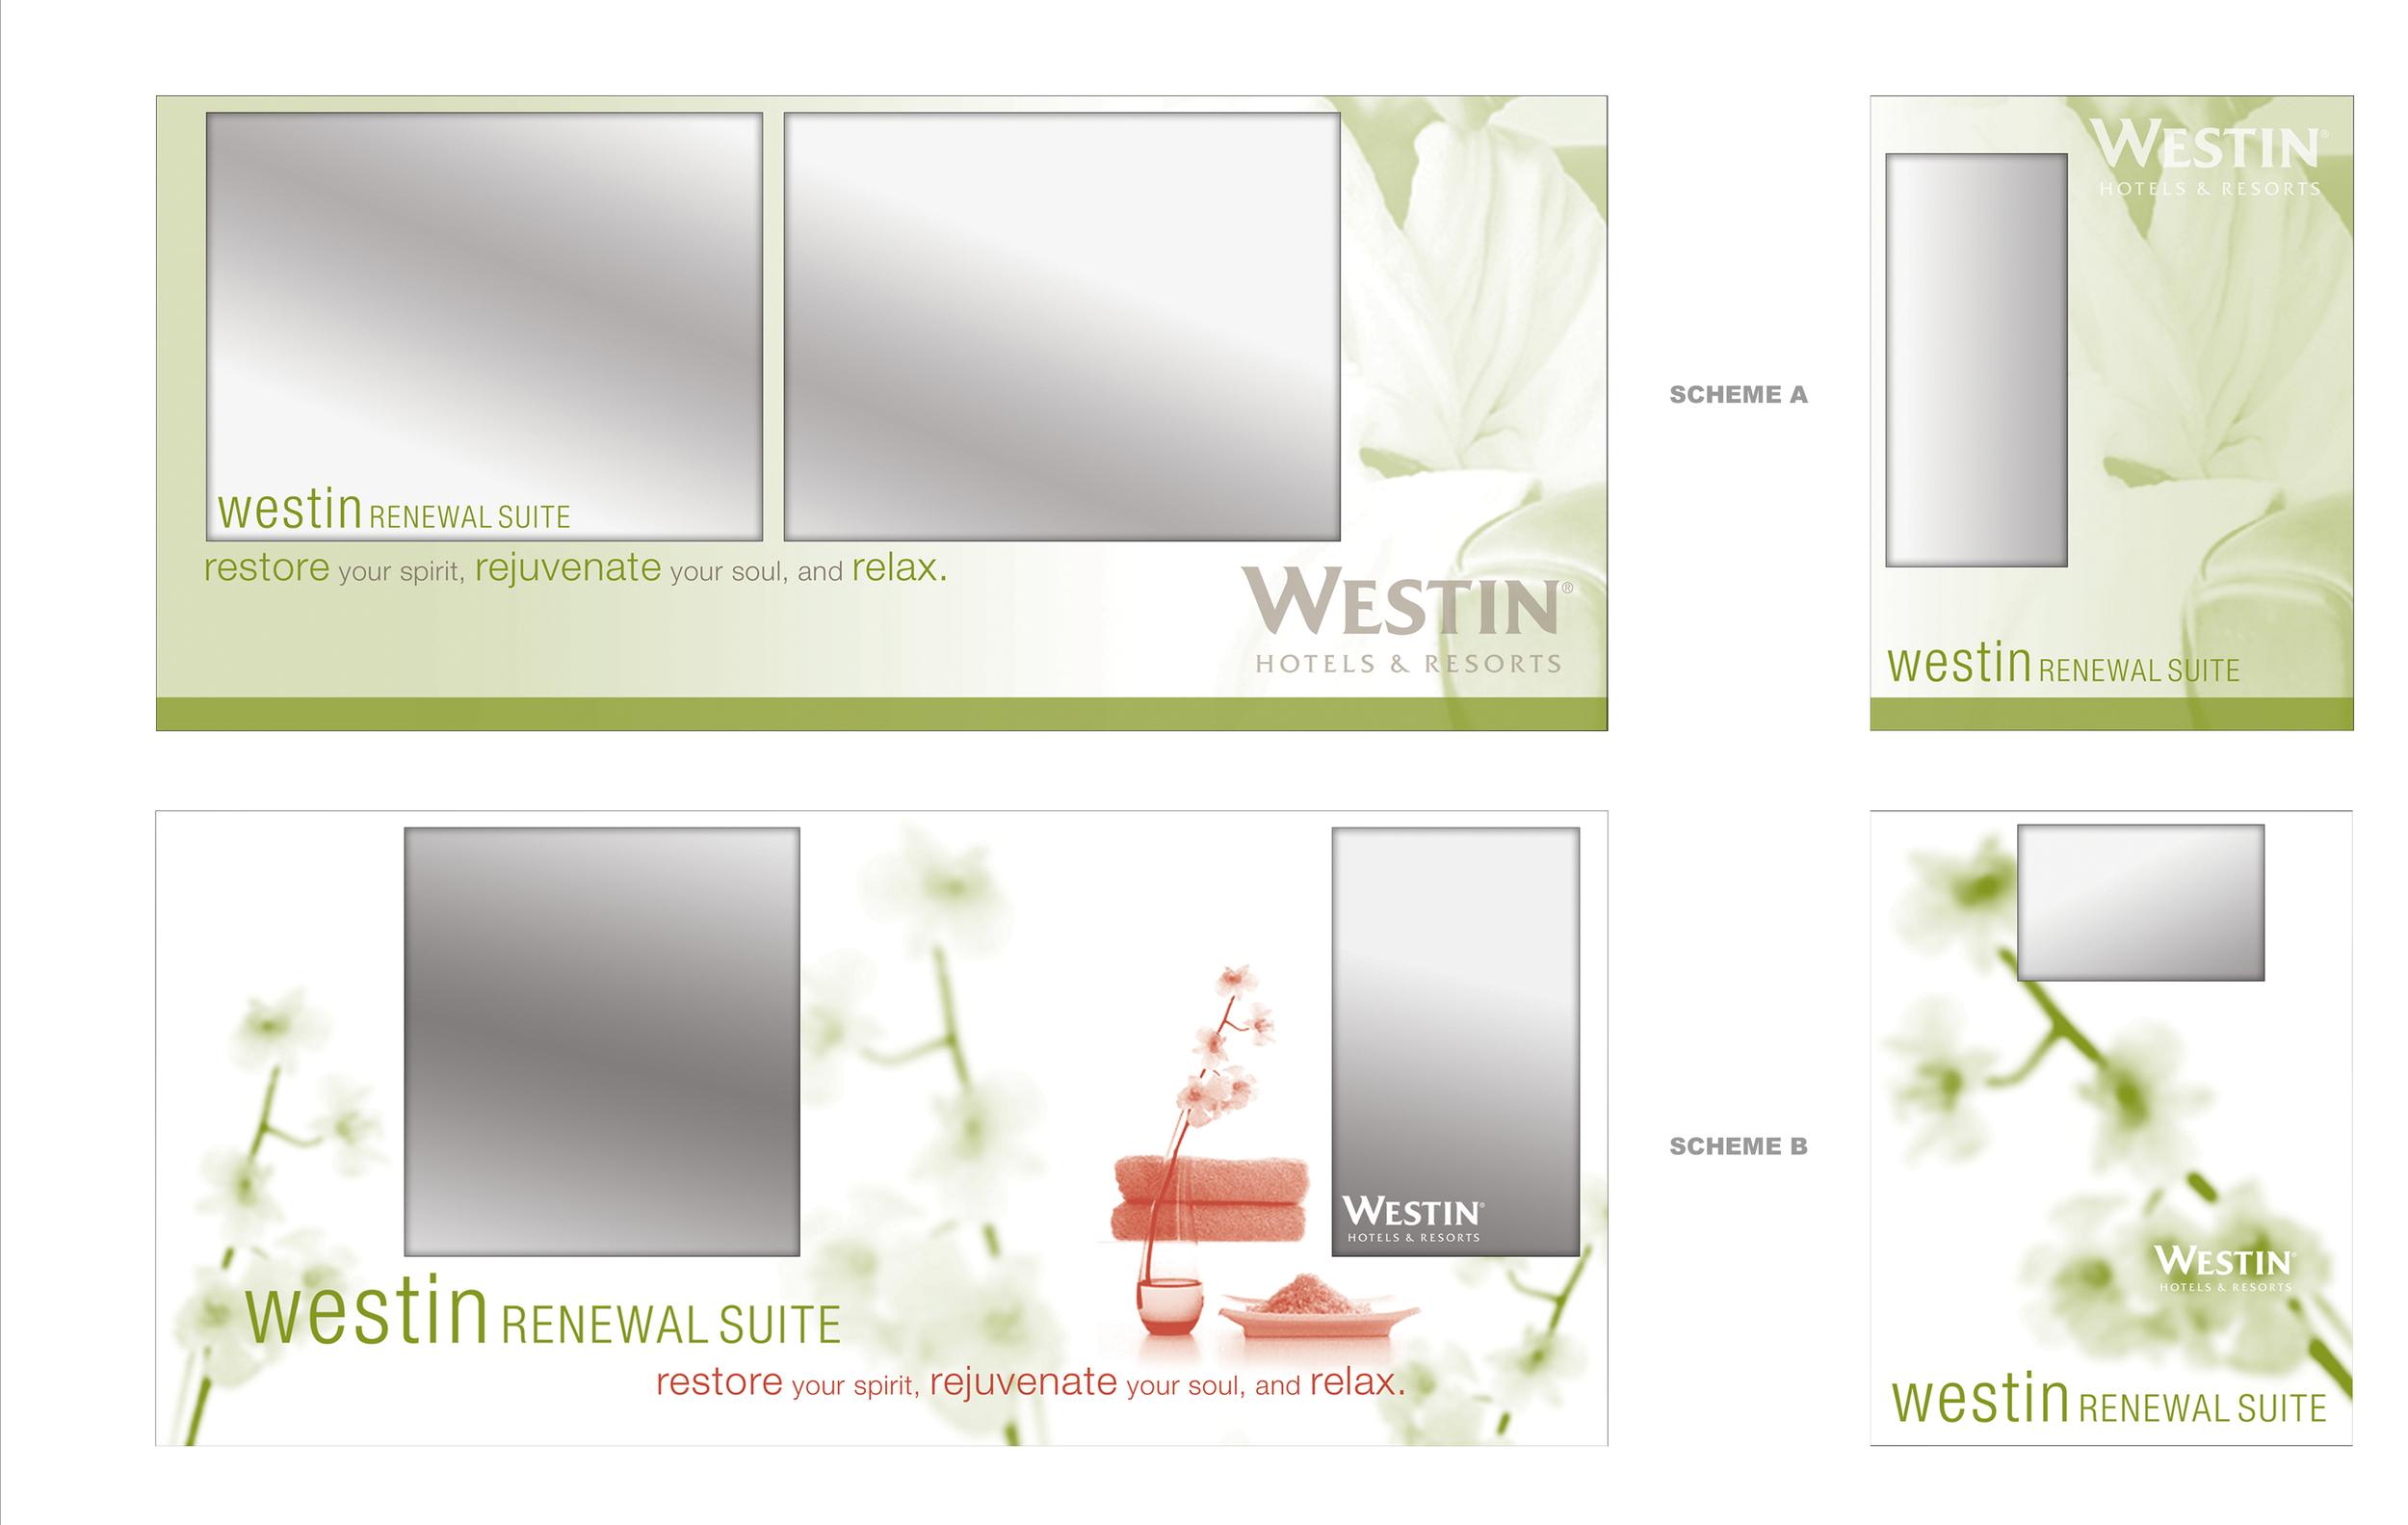 WESTIN-boards-06.jpg